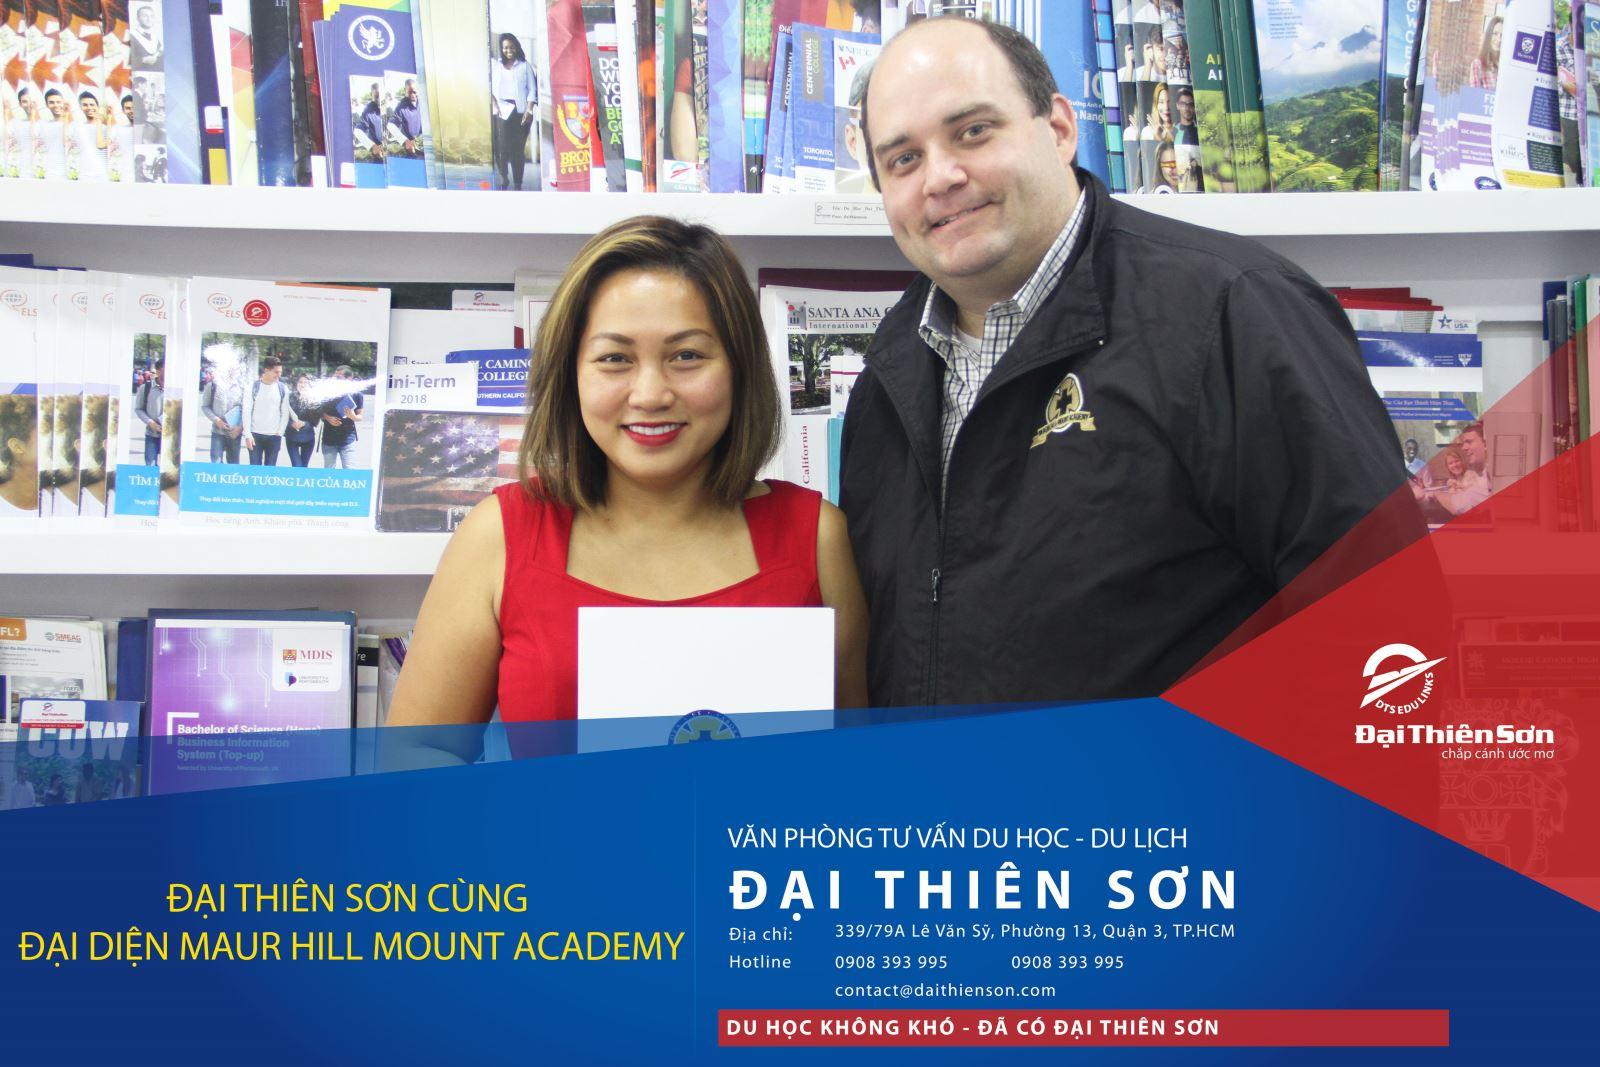 Giám đốc Đại Thiên Sơn cùng đại diện trường Maur Hill Mount Academy